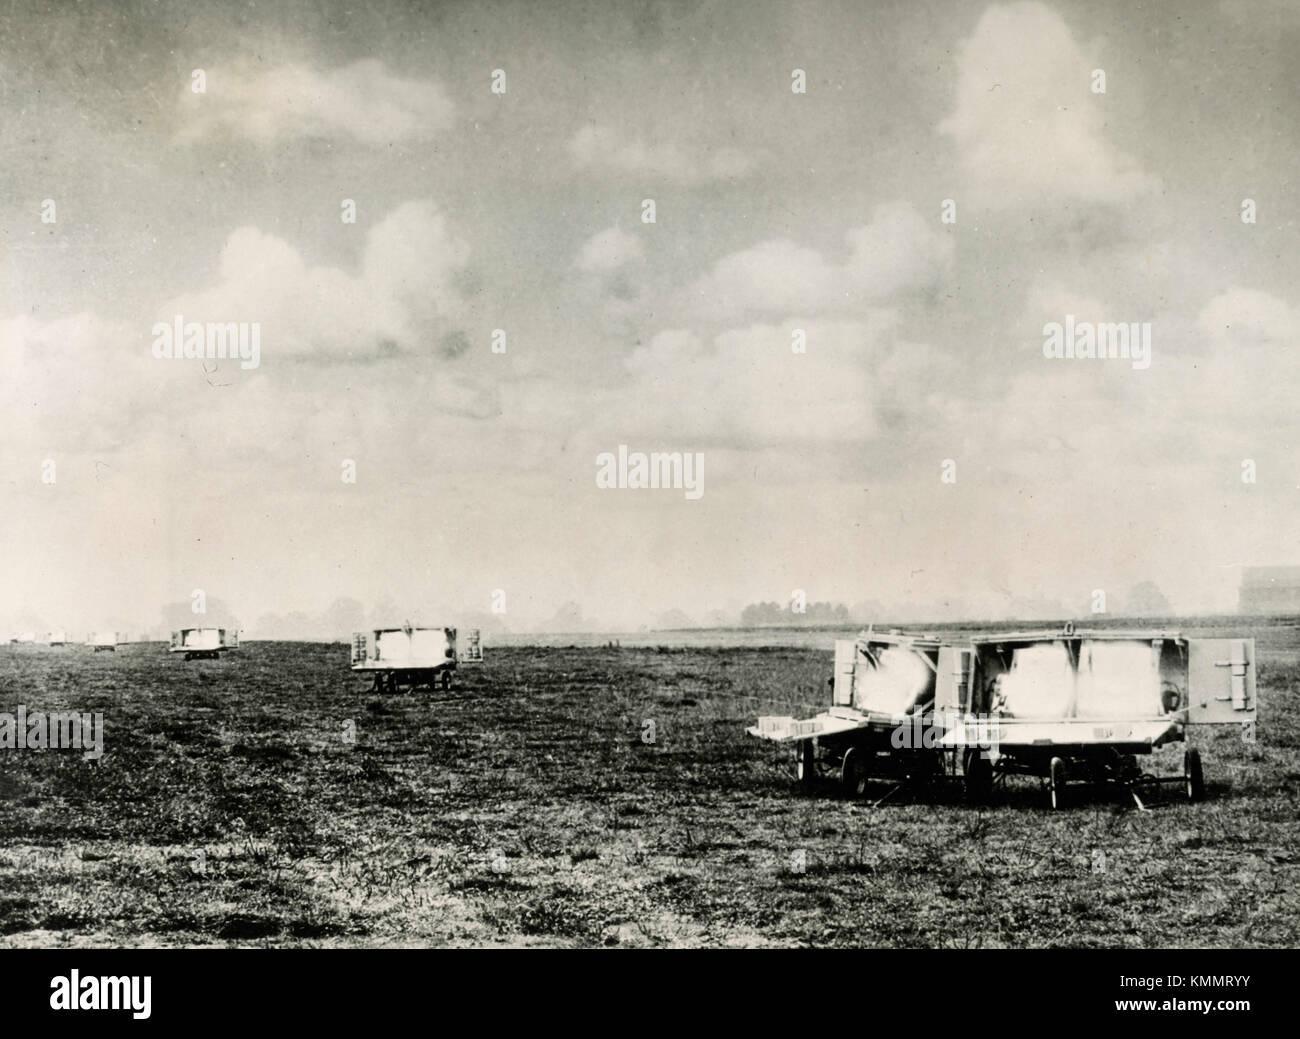 Il sodio flare path sul runaway per voli notturni, 1940s Immagini Stock